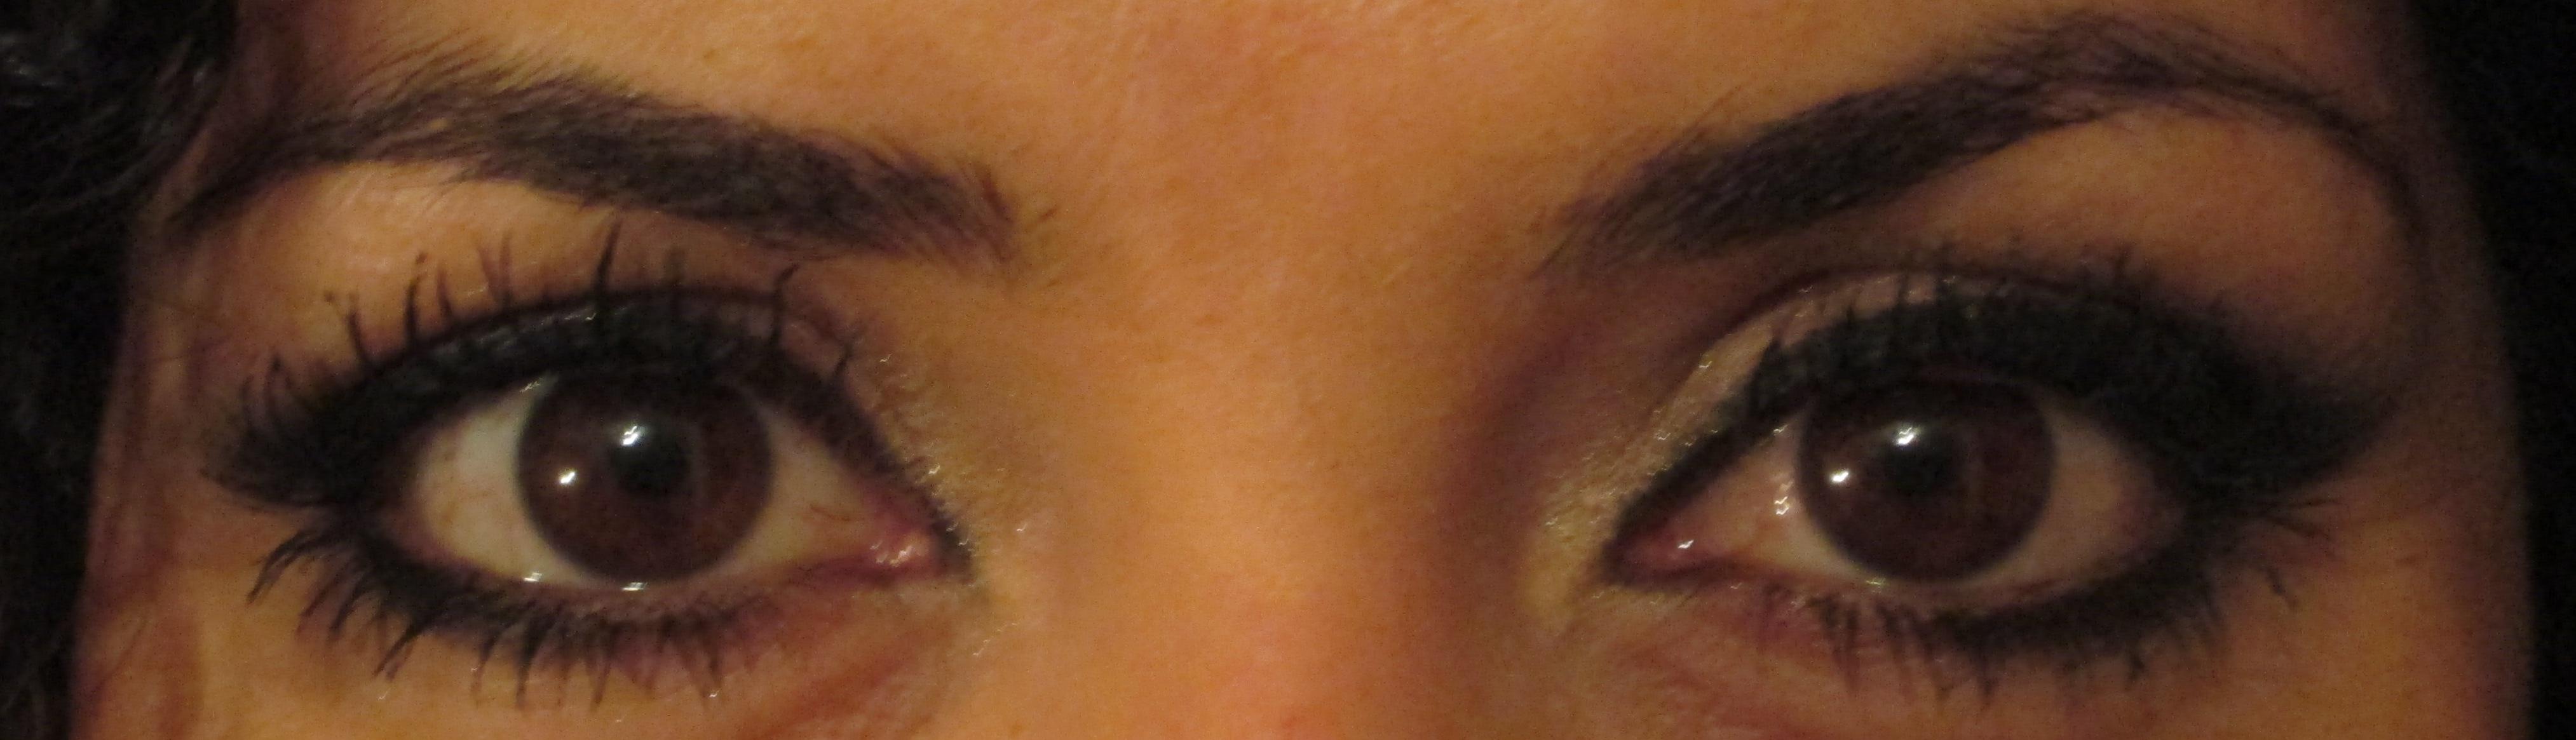 Картинки по запросу грустные женские глаза